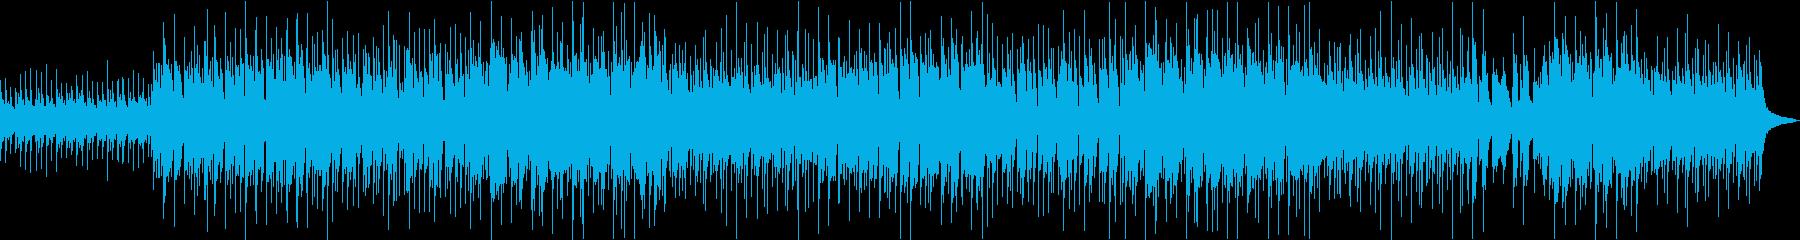 サビのメロディが記憶に残るバラードの再生済みの波形